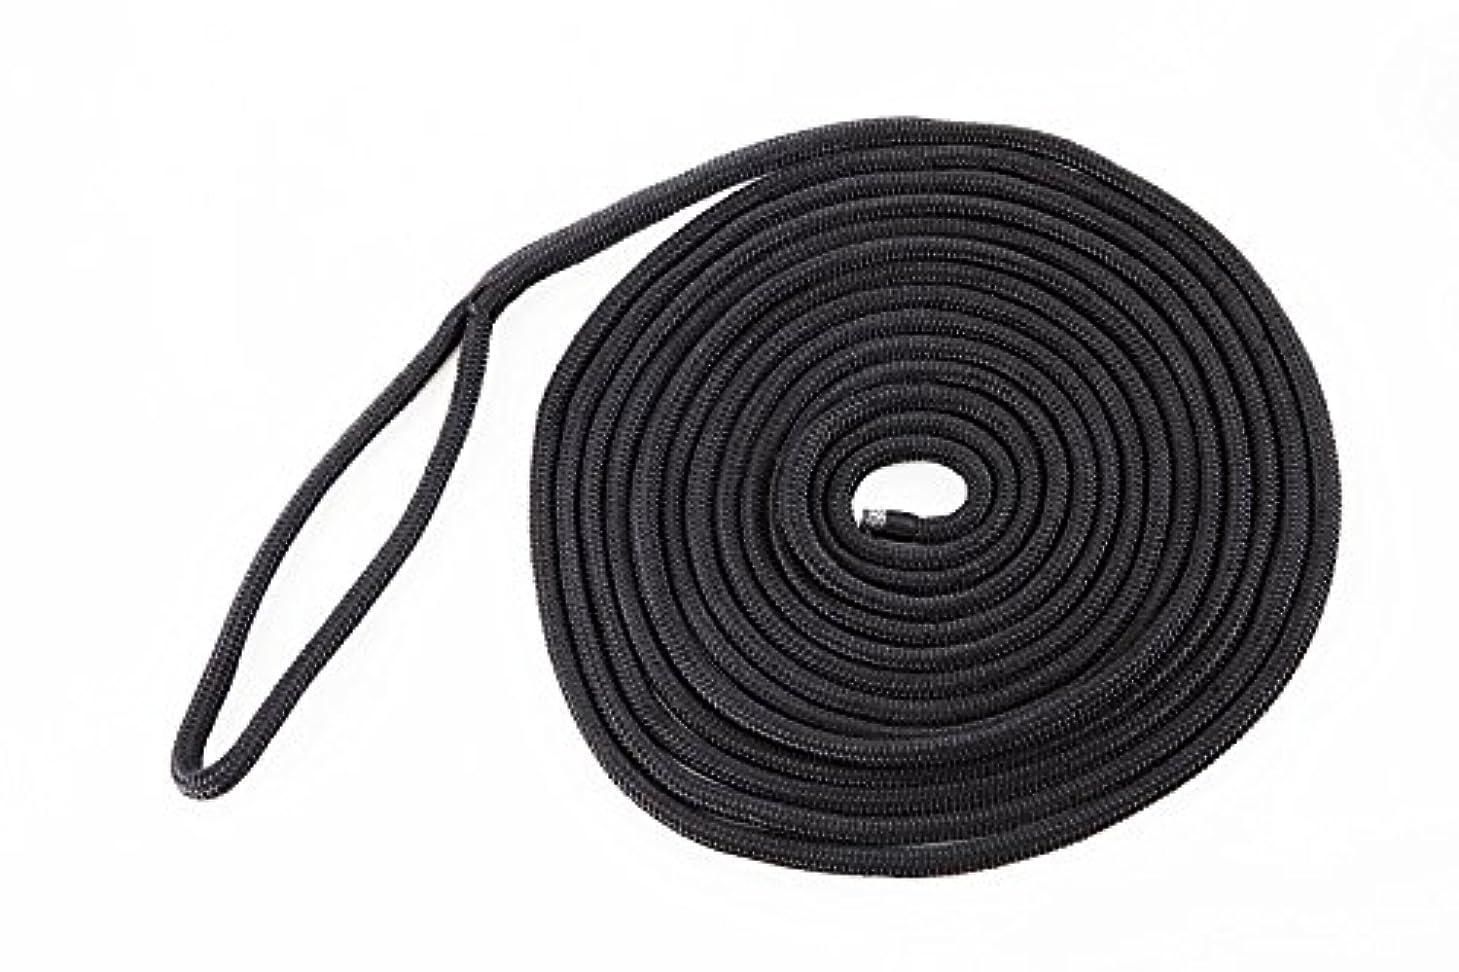 押し下げる電卓間隔ダブルブレイドPPアイ付ロープ 14mm×7.5m ブラック